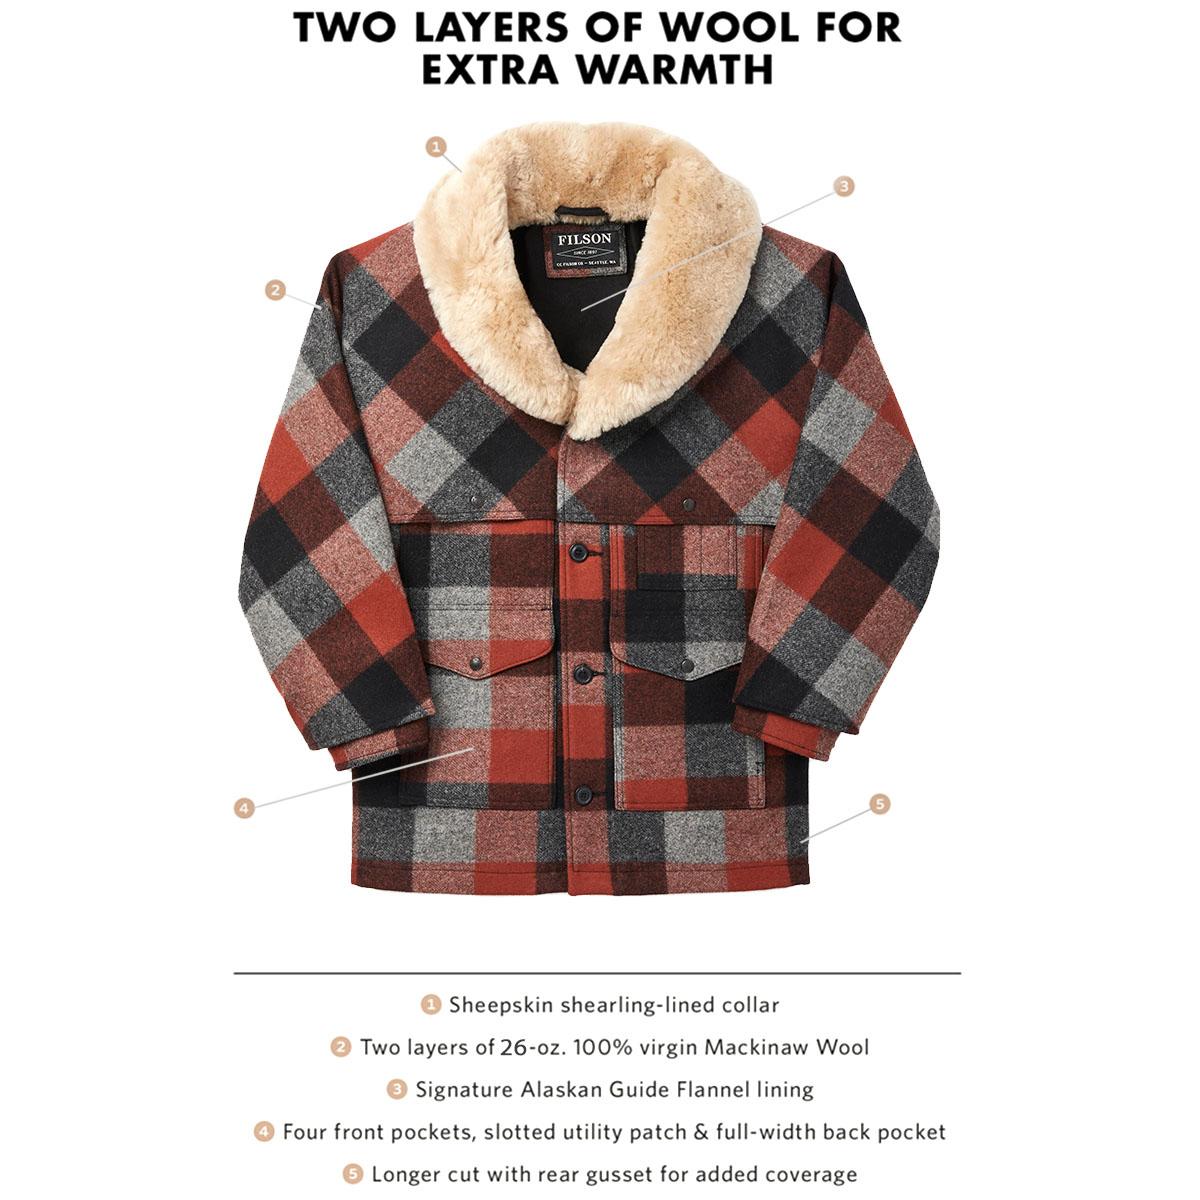 Filson Lined Wool Packer Coat Black/Charcoal/Rust, gemaakt met scheerwol voor comfort, natuurlijke waterafstotendheid en isolerende warmte in alle weersomstandigheden